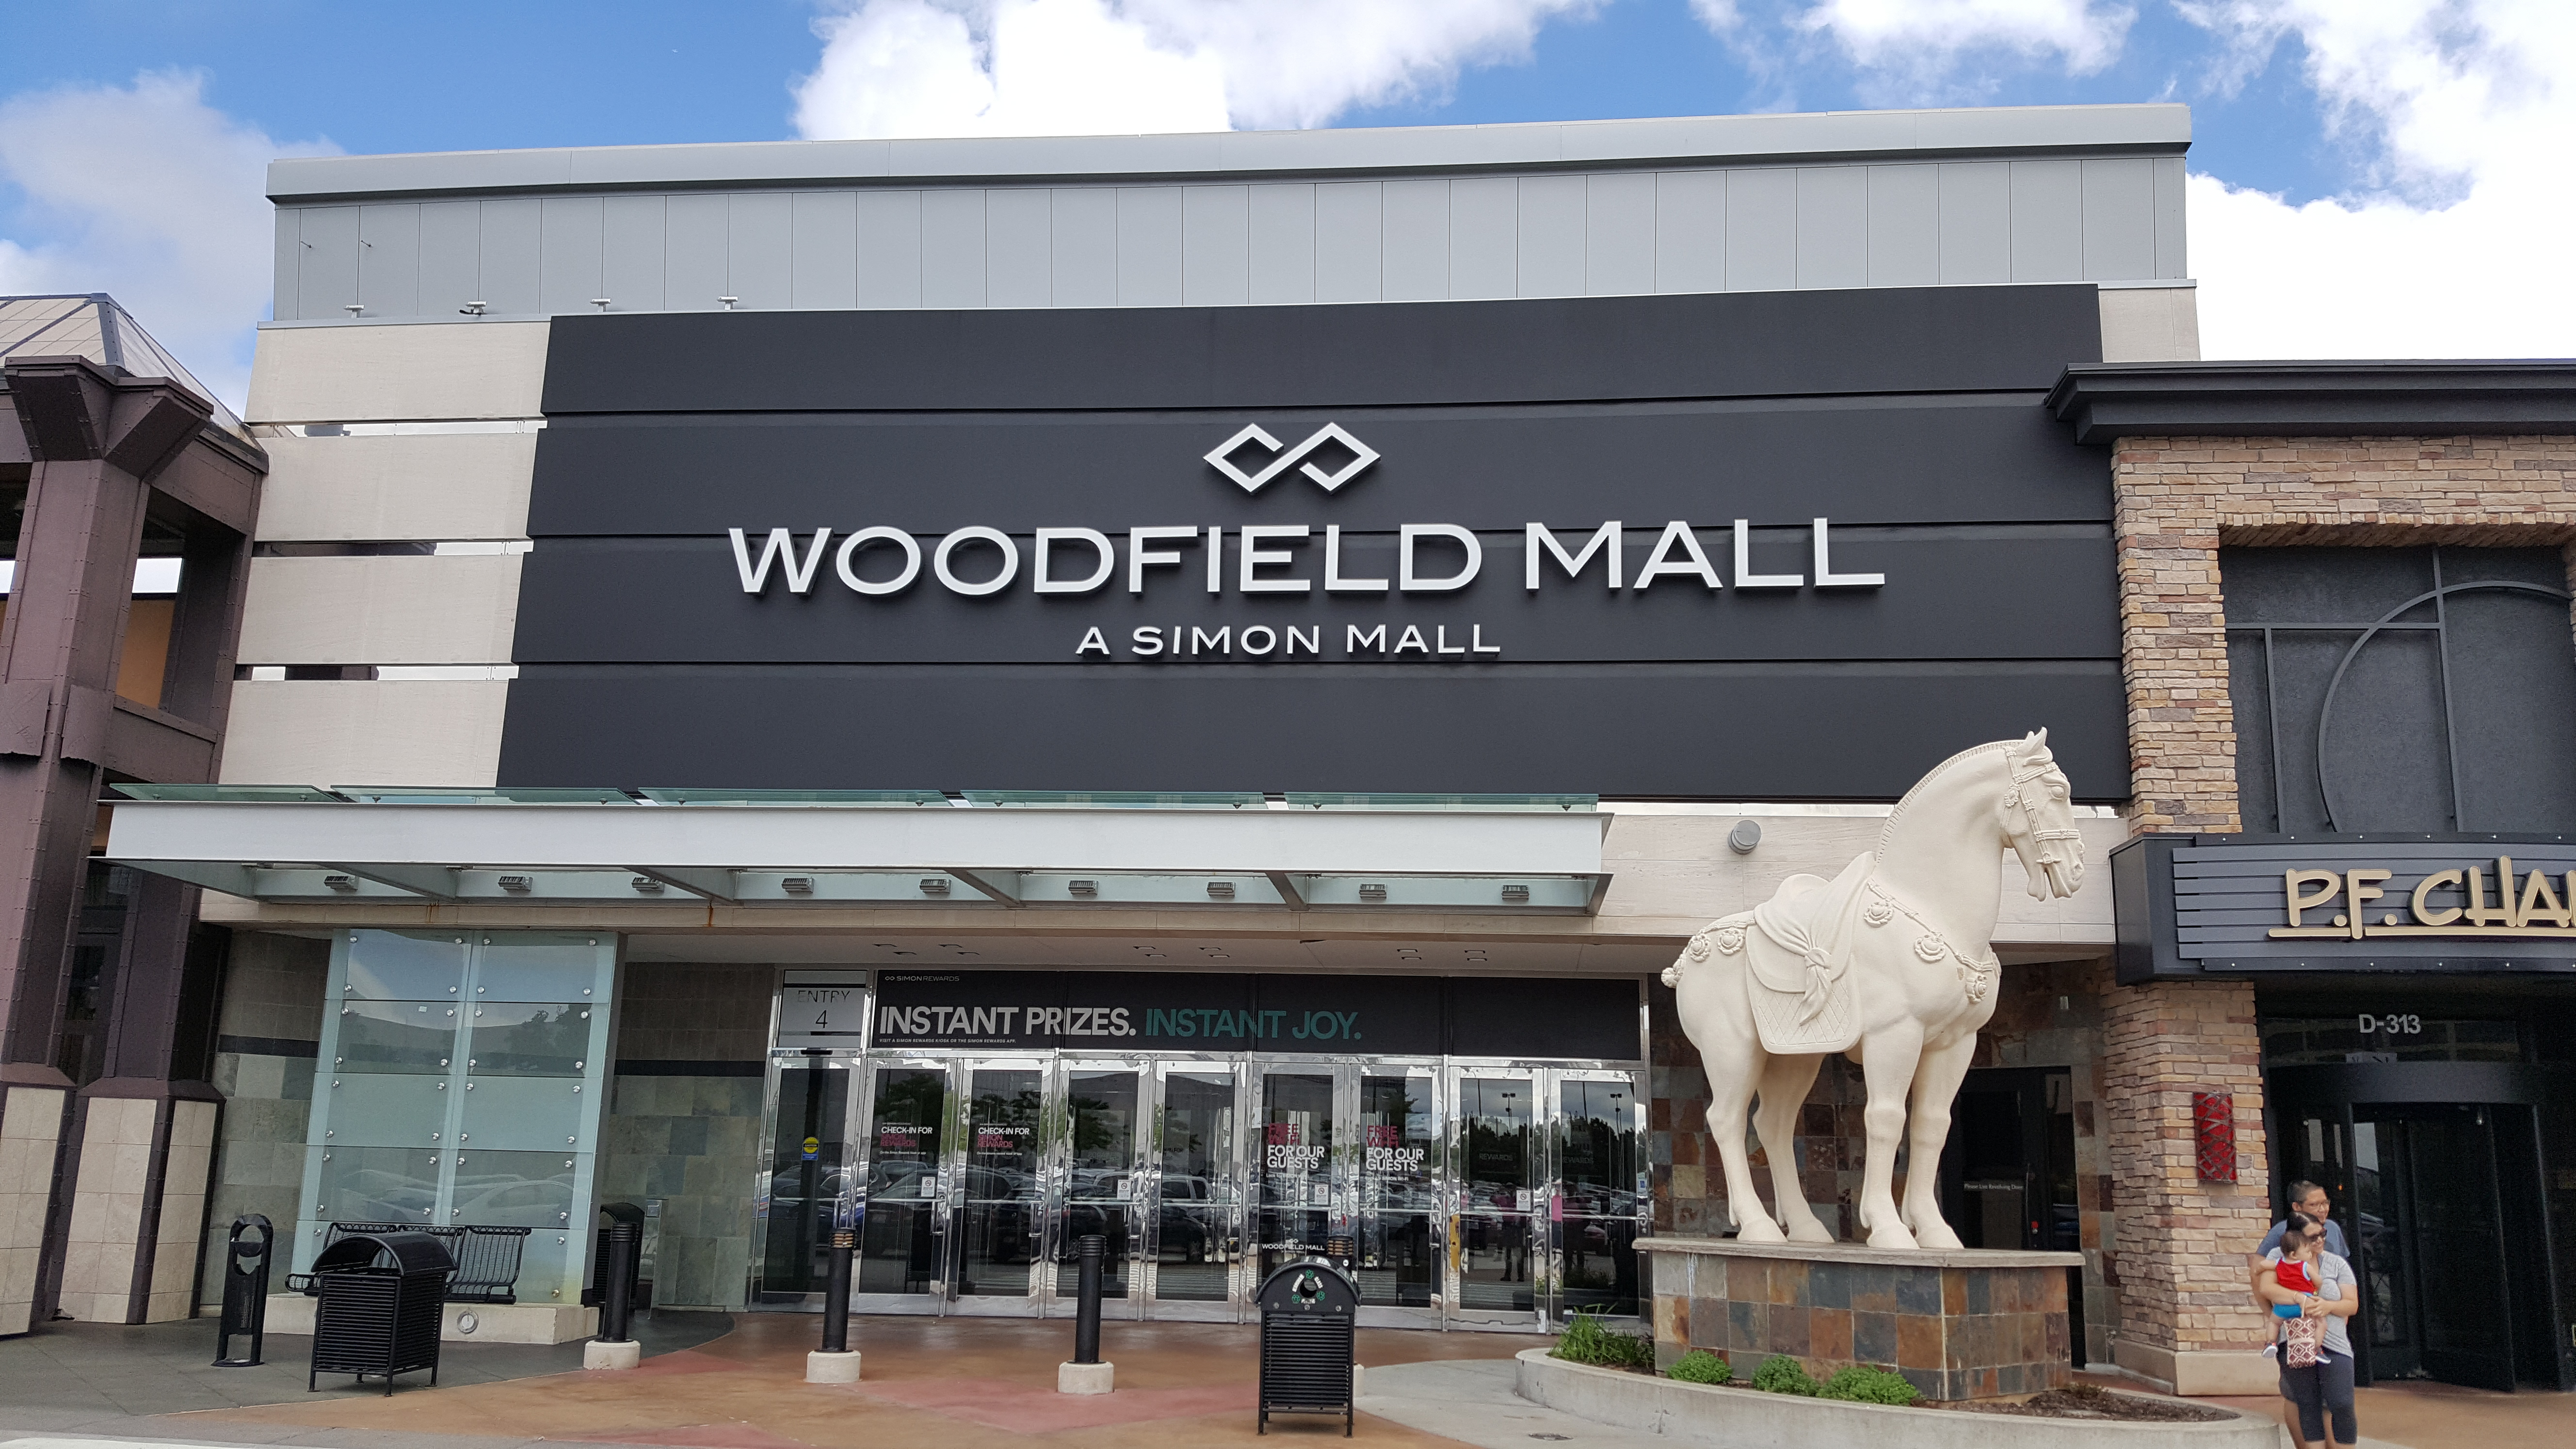 Woodfield Mall Malls And Retail Wiki Fandom